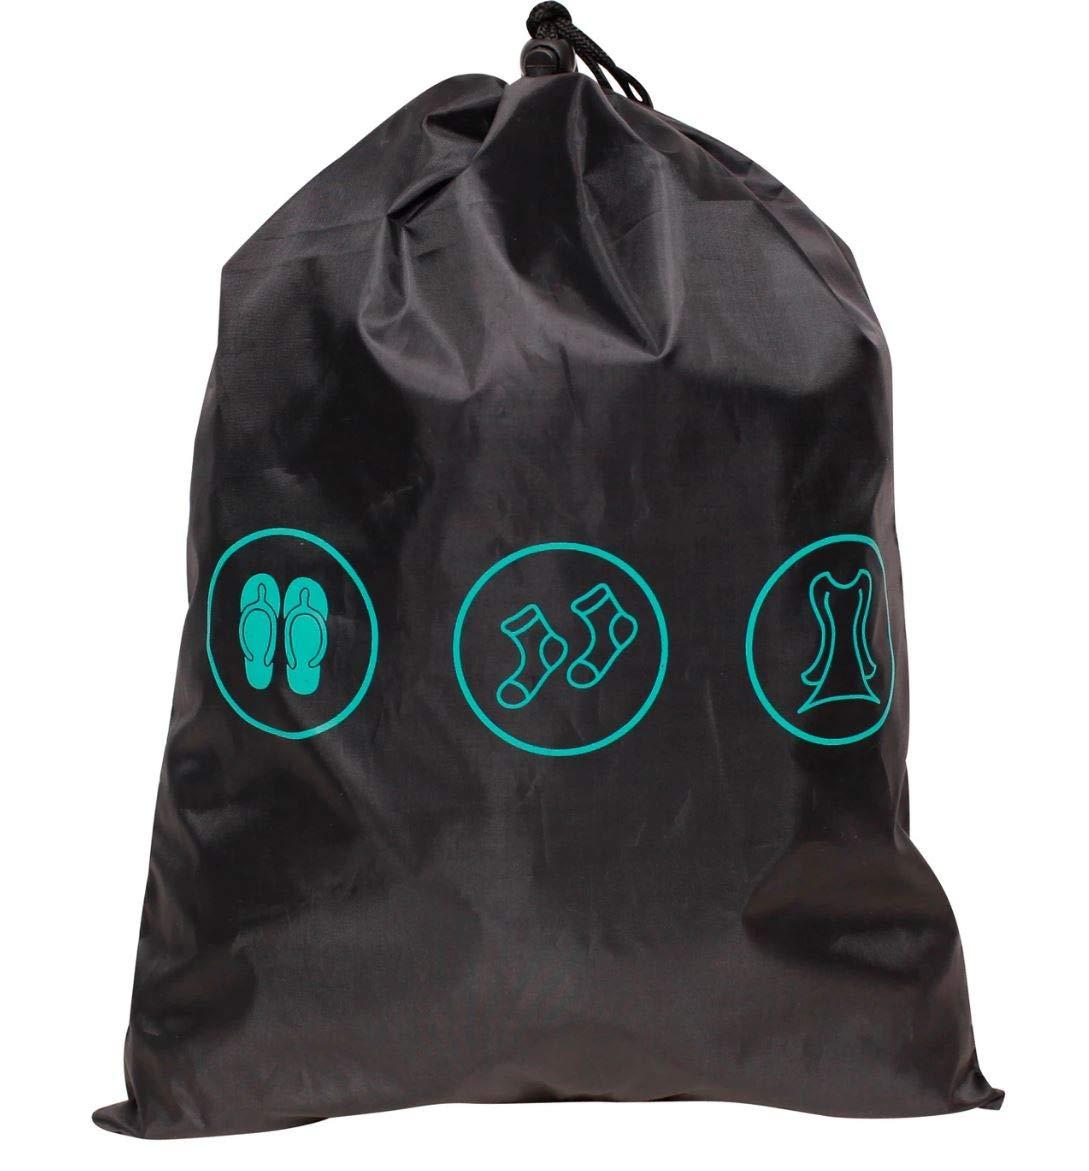 Skyline Carry On Luggage Set 3pc Set Teal